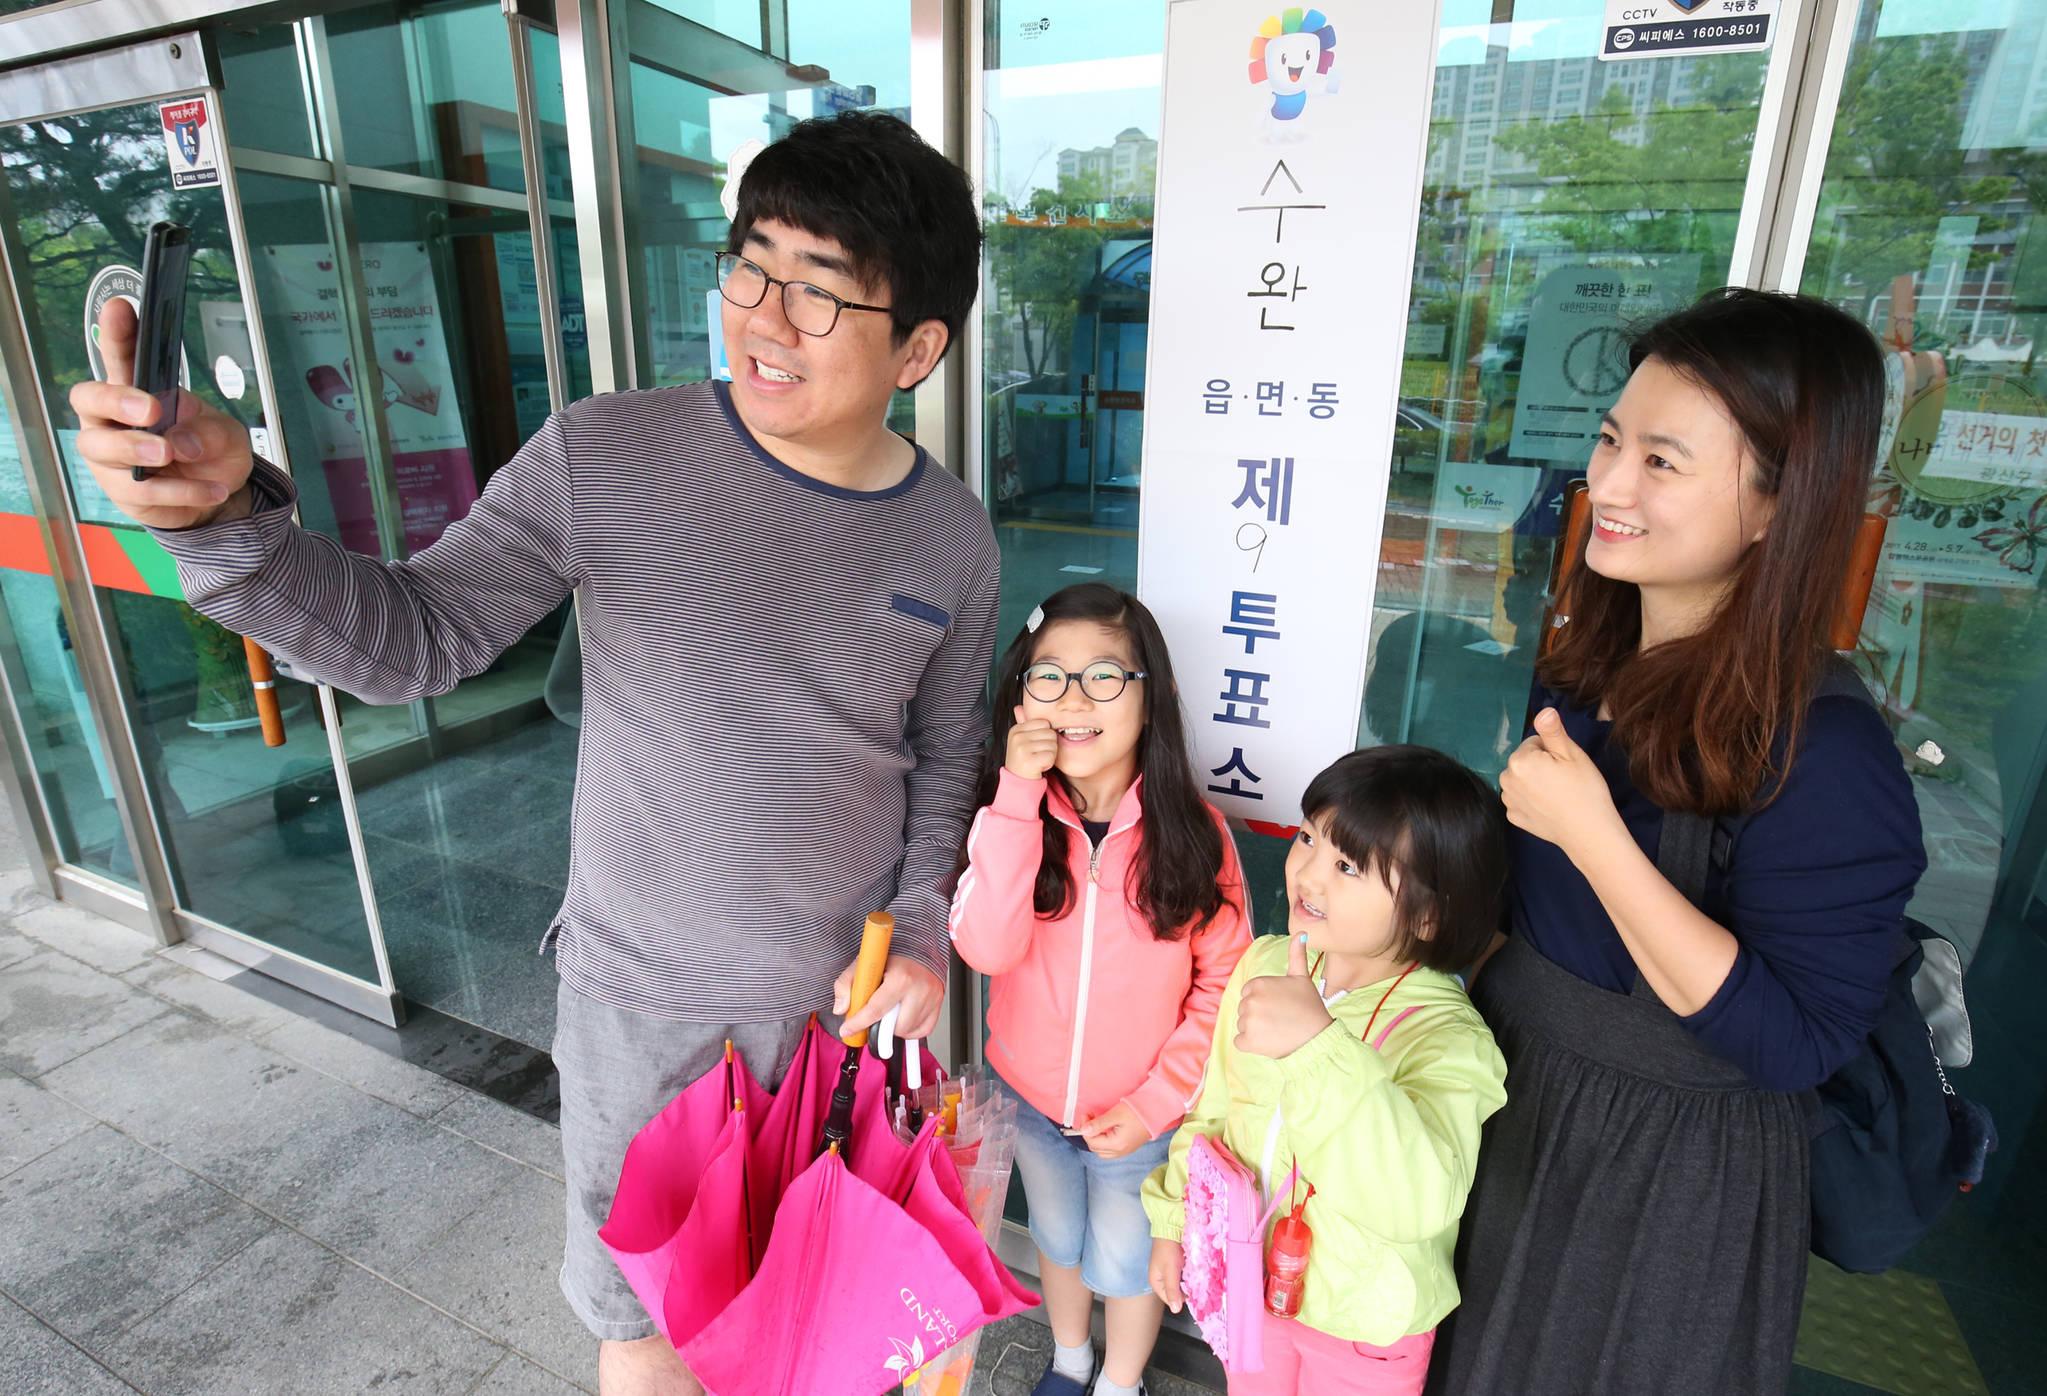 9일 오전 광주광역시 광산구 제9투표소가 마련된 수완동주민센터에서 투표를 마친 한 가족이 기념 촬영을 하고 있다. [프리랜서 장정필]